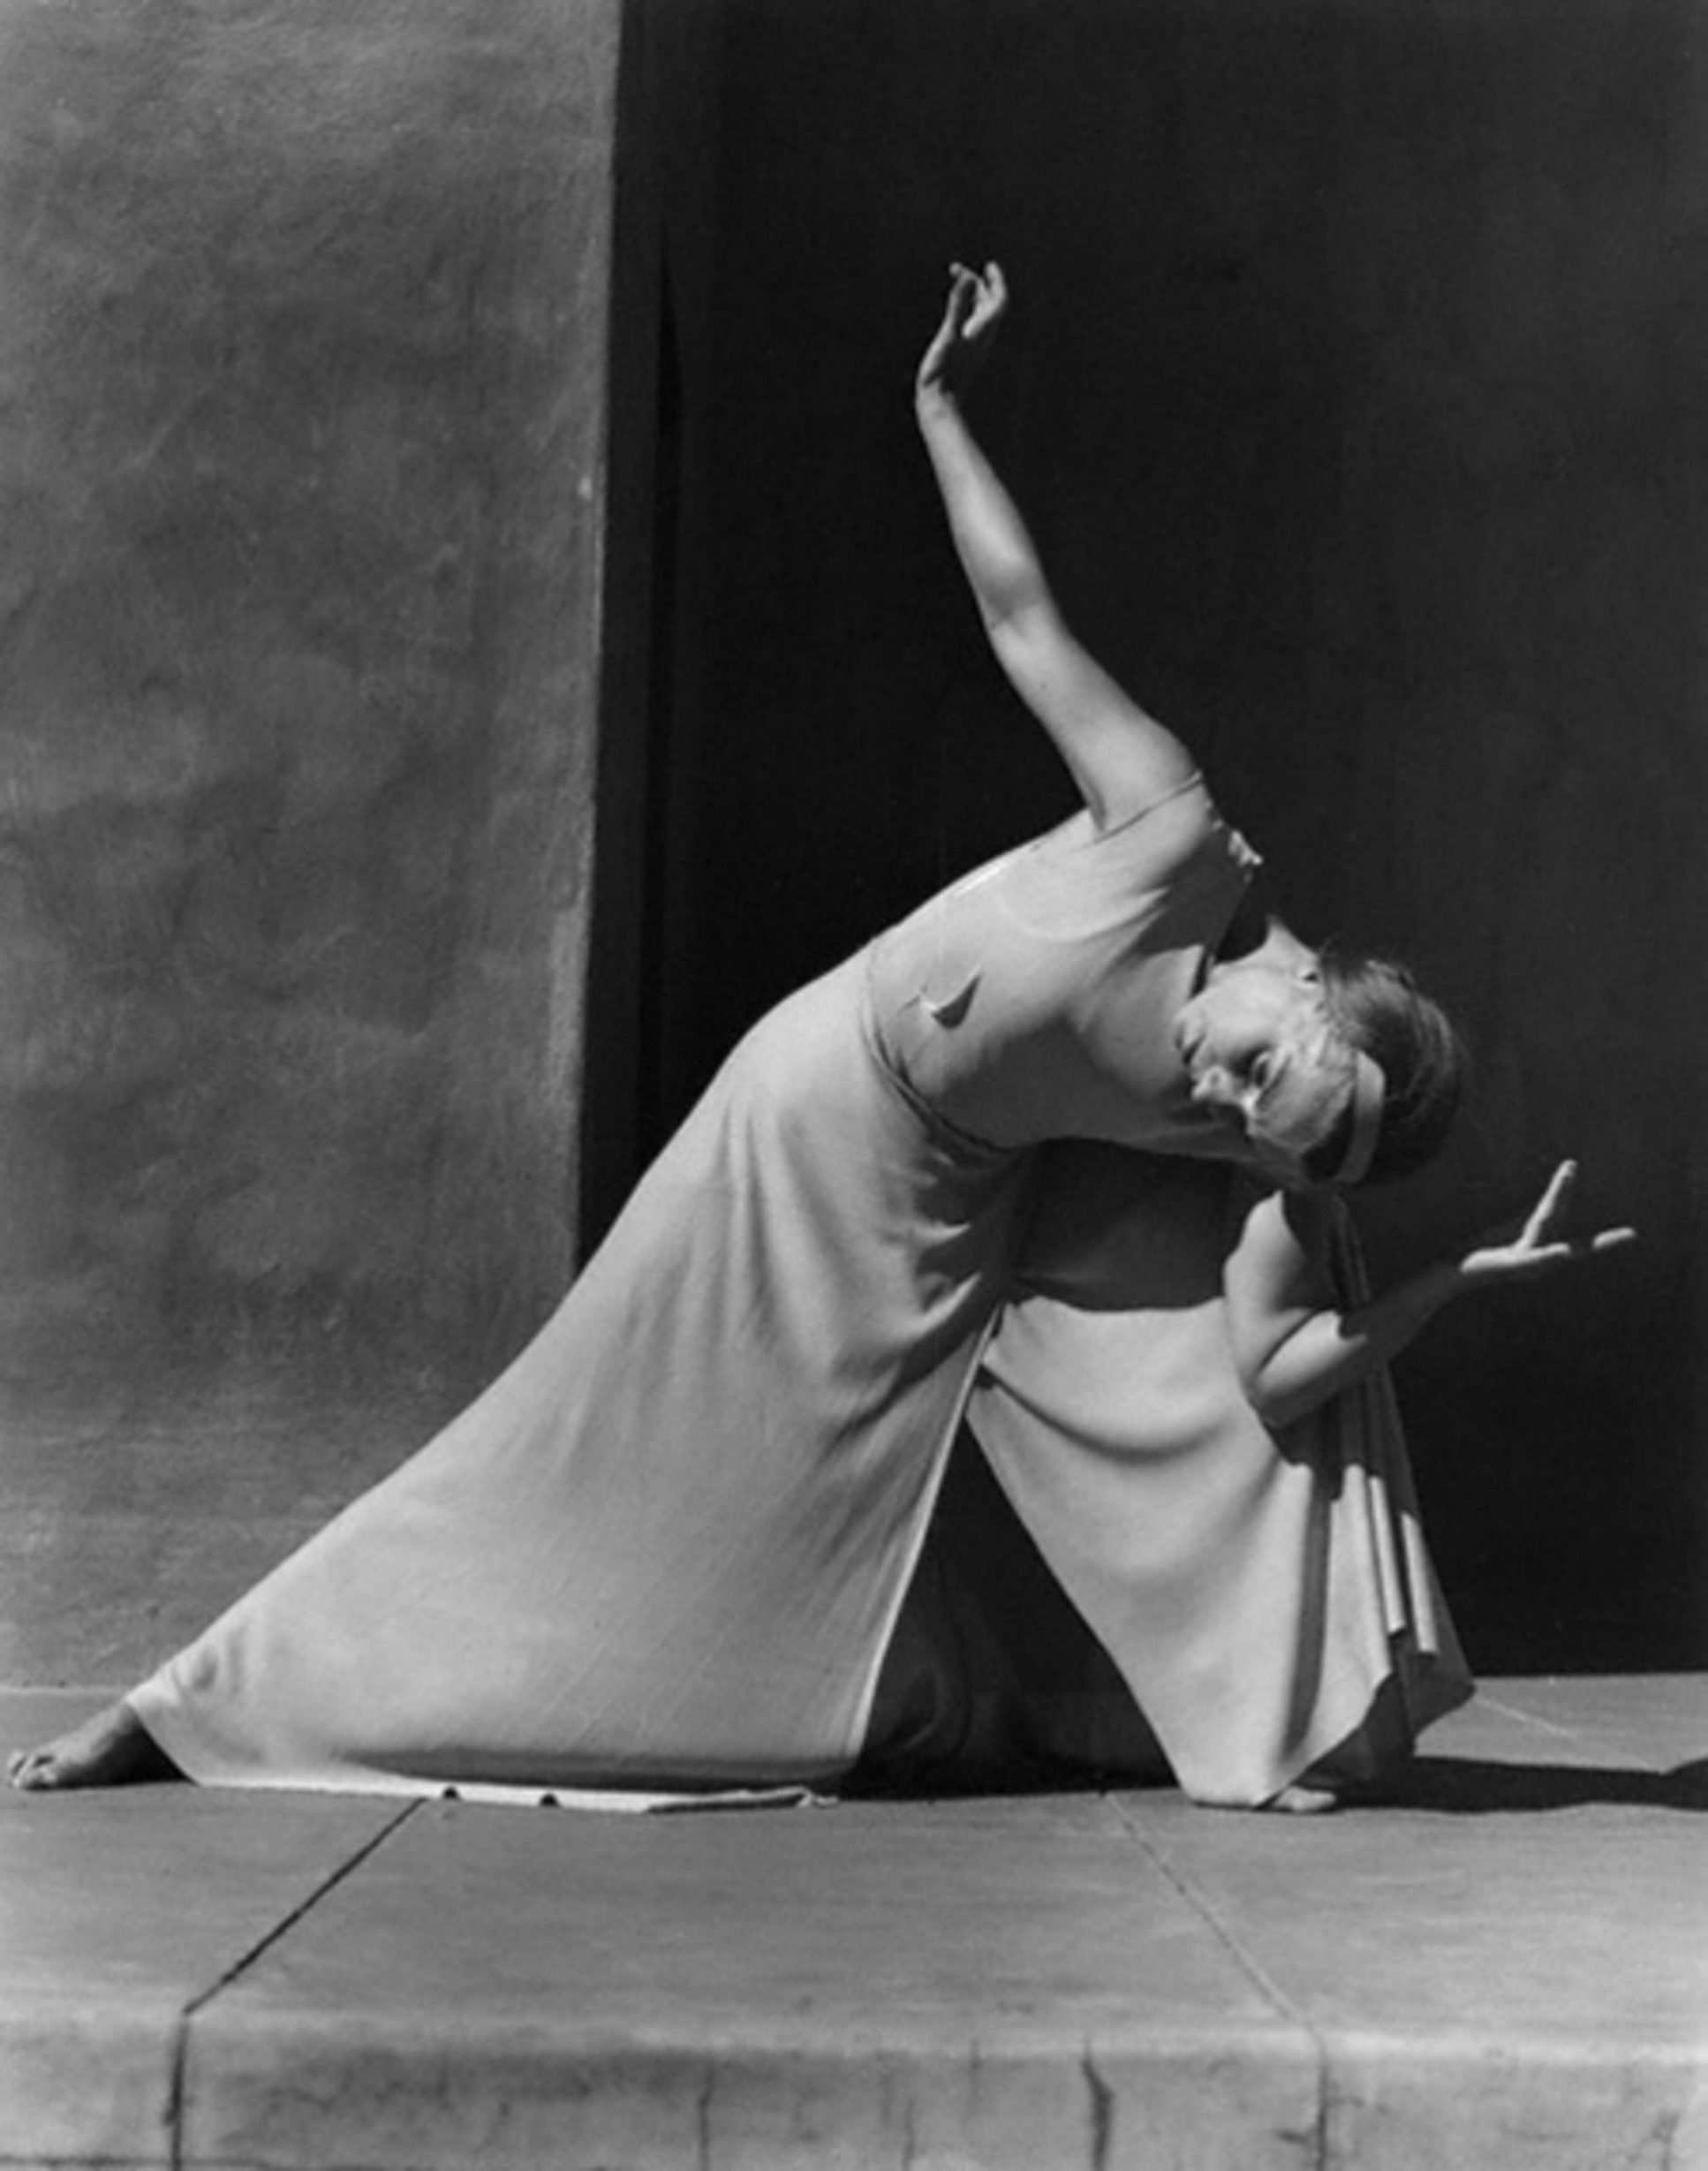 Hanya Holm, 1936